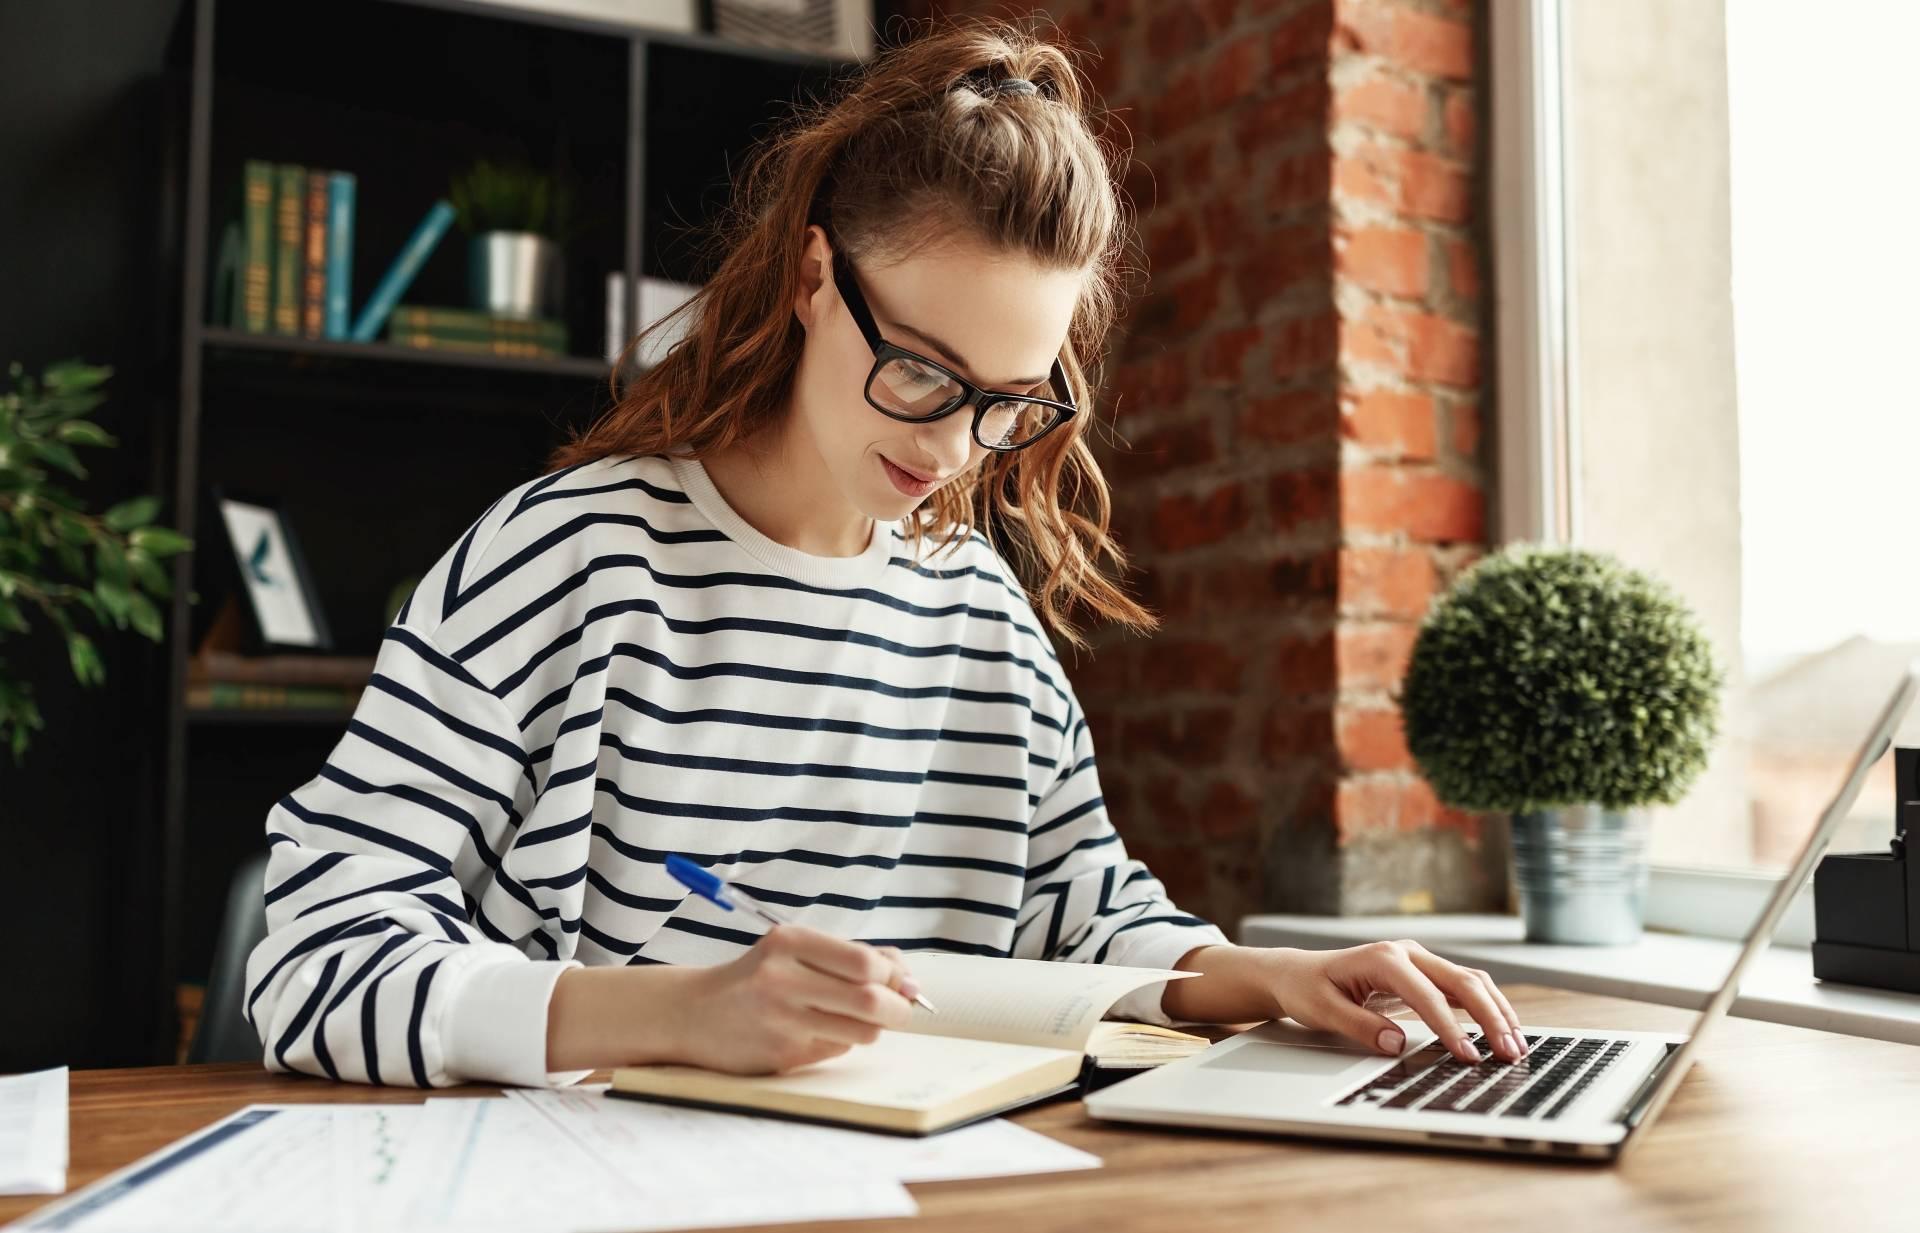 Work-life balance na home office. Młoda dziewczyna z pokolenia millenialsów w białej bluzce w czarne paski i okularach w rogowej oprawce siedzi przy laptopie i robi notatki w zeszycie.